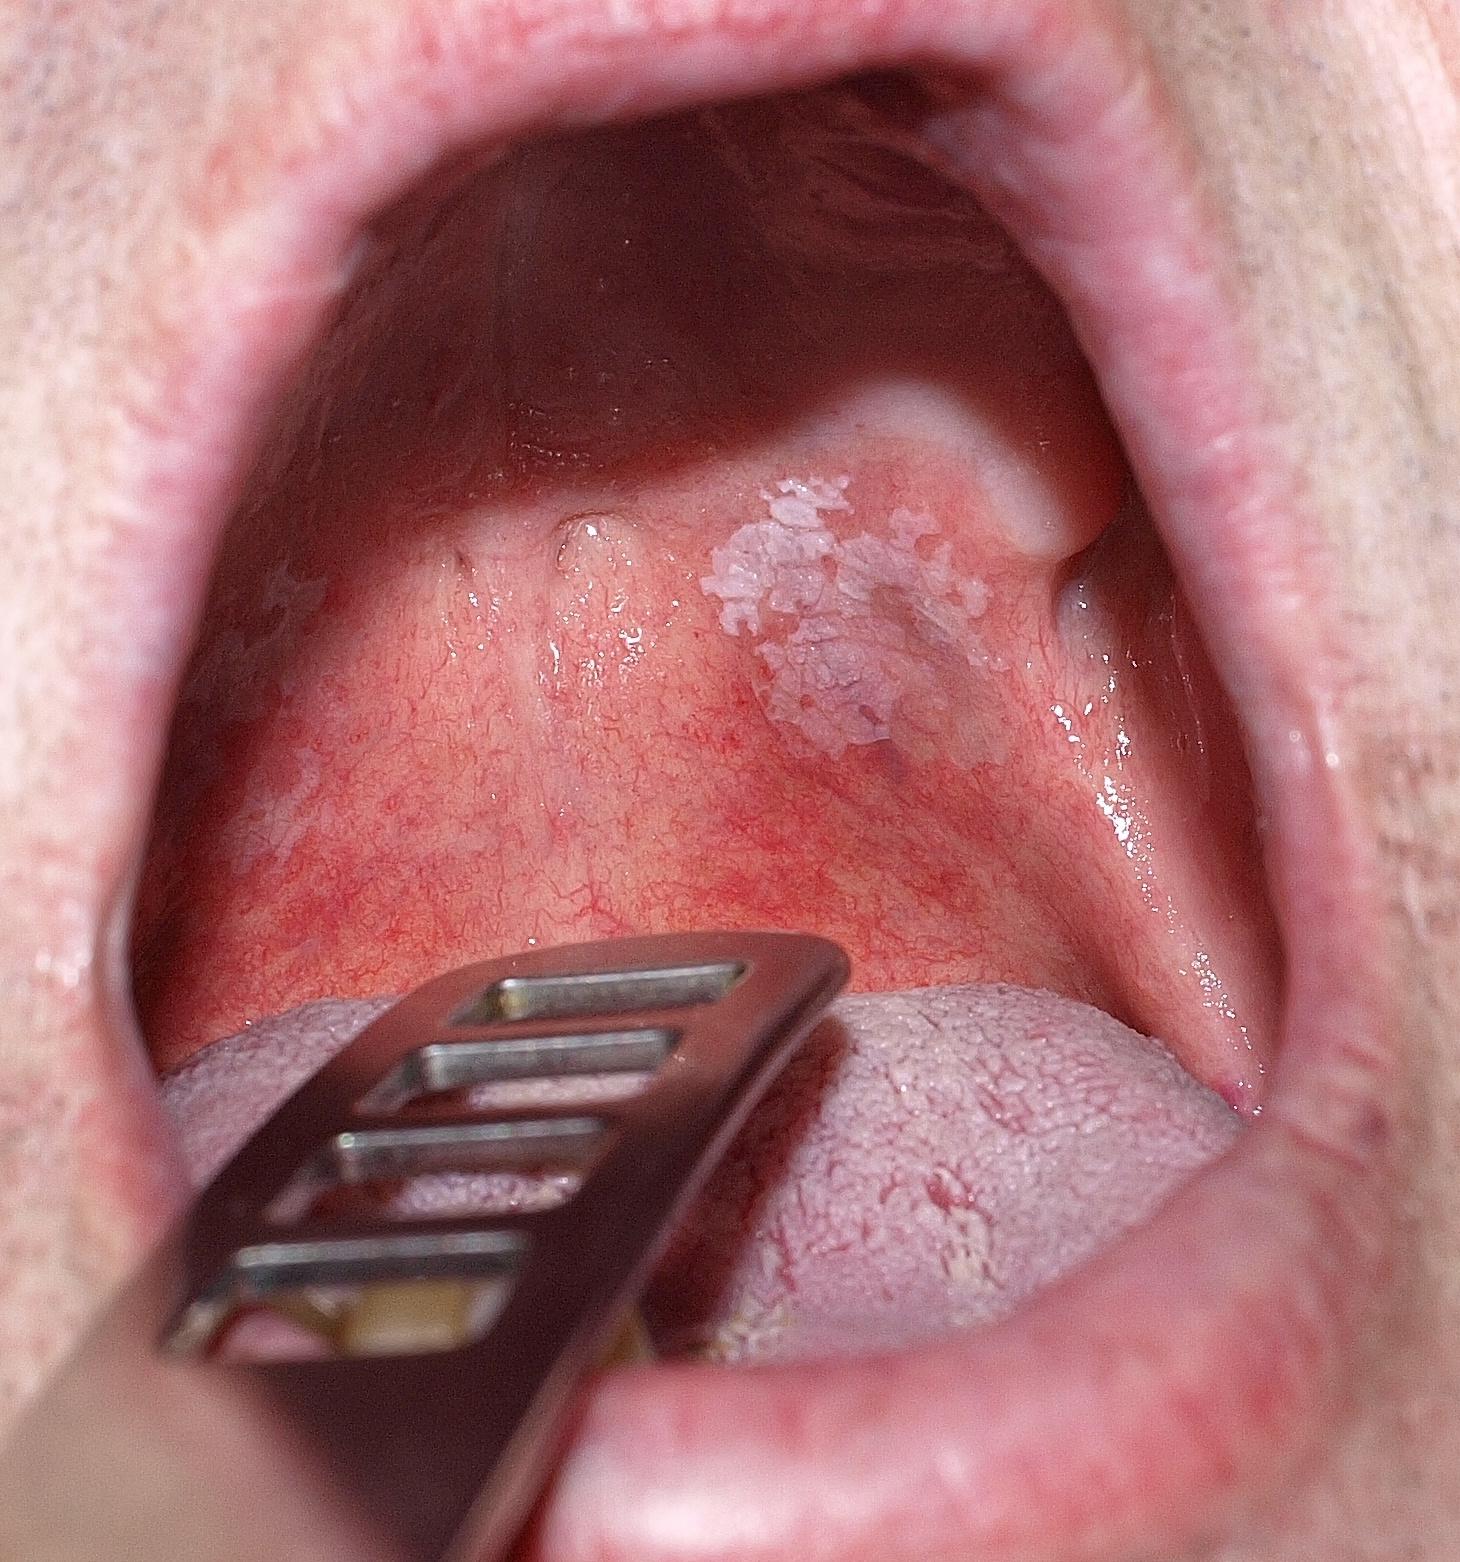 papilloma a nyelv hegyén, amikor eltávolítják)